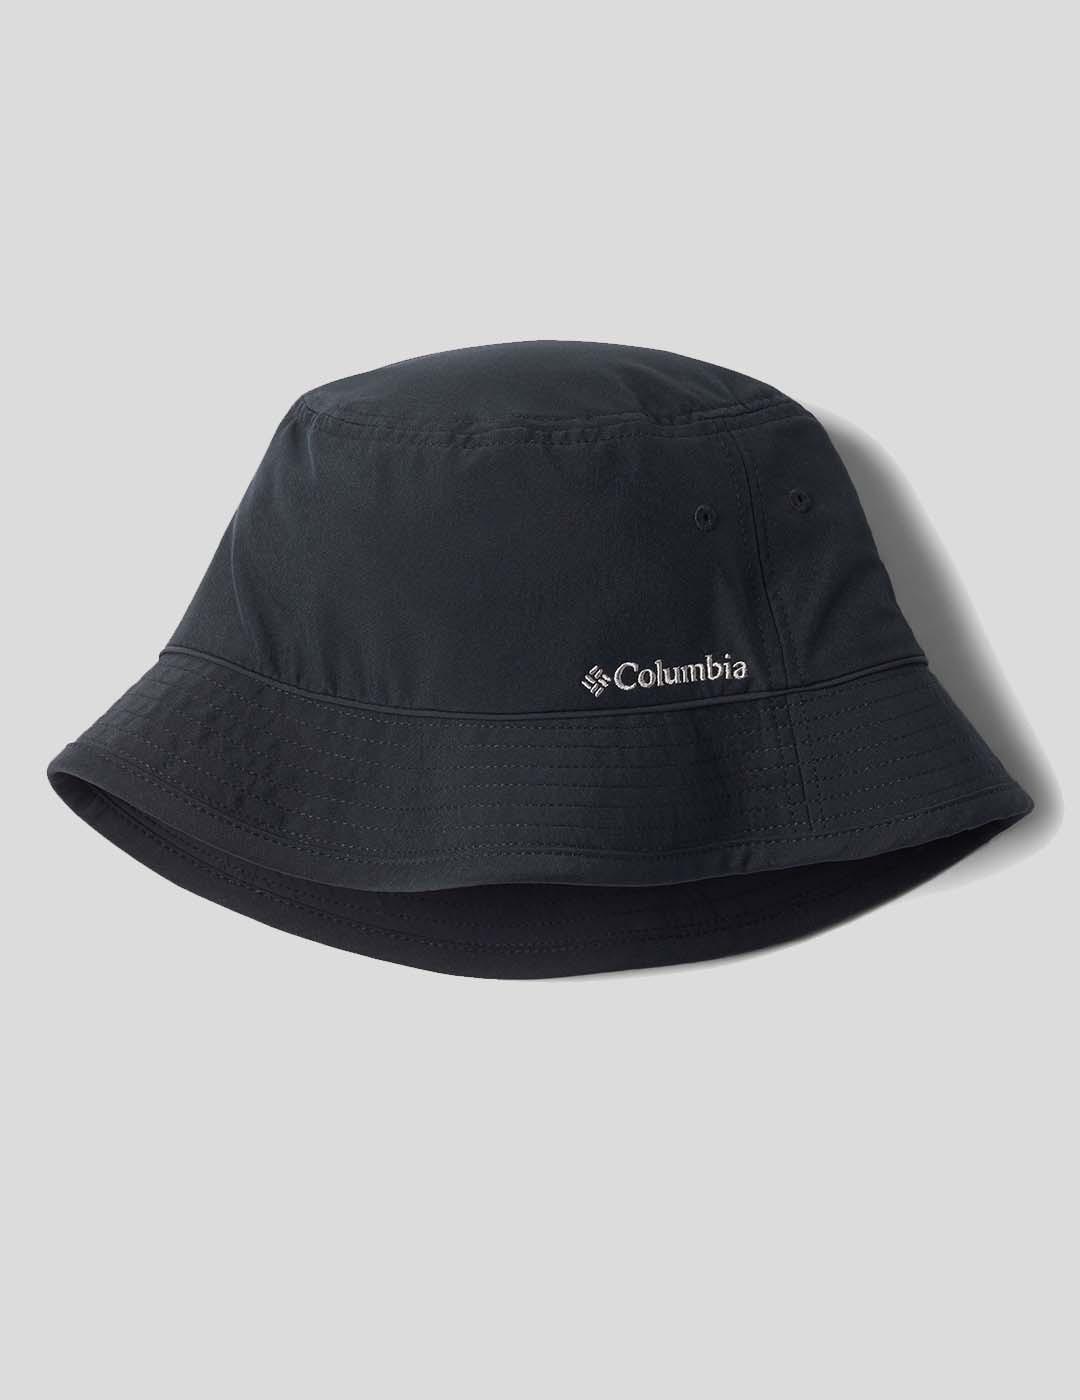 GORRO COLUMBIA PINE MOUNTAIN BUCKET BLACK